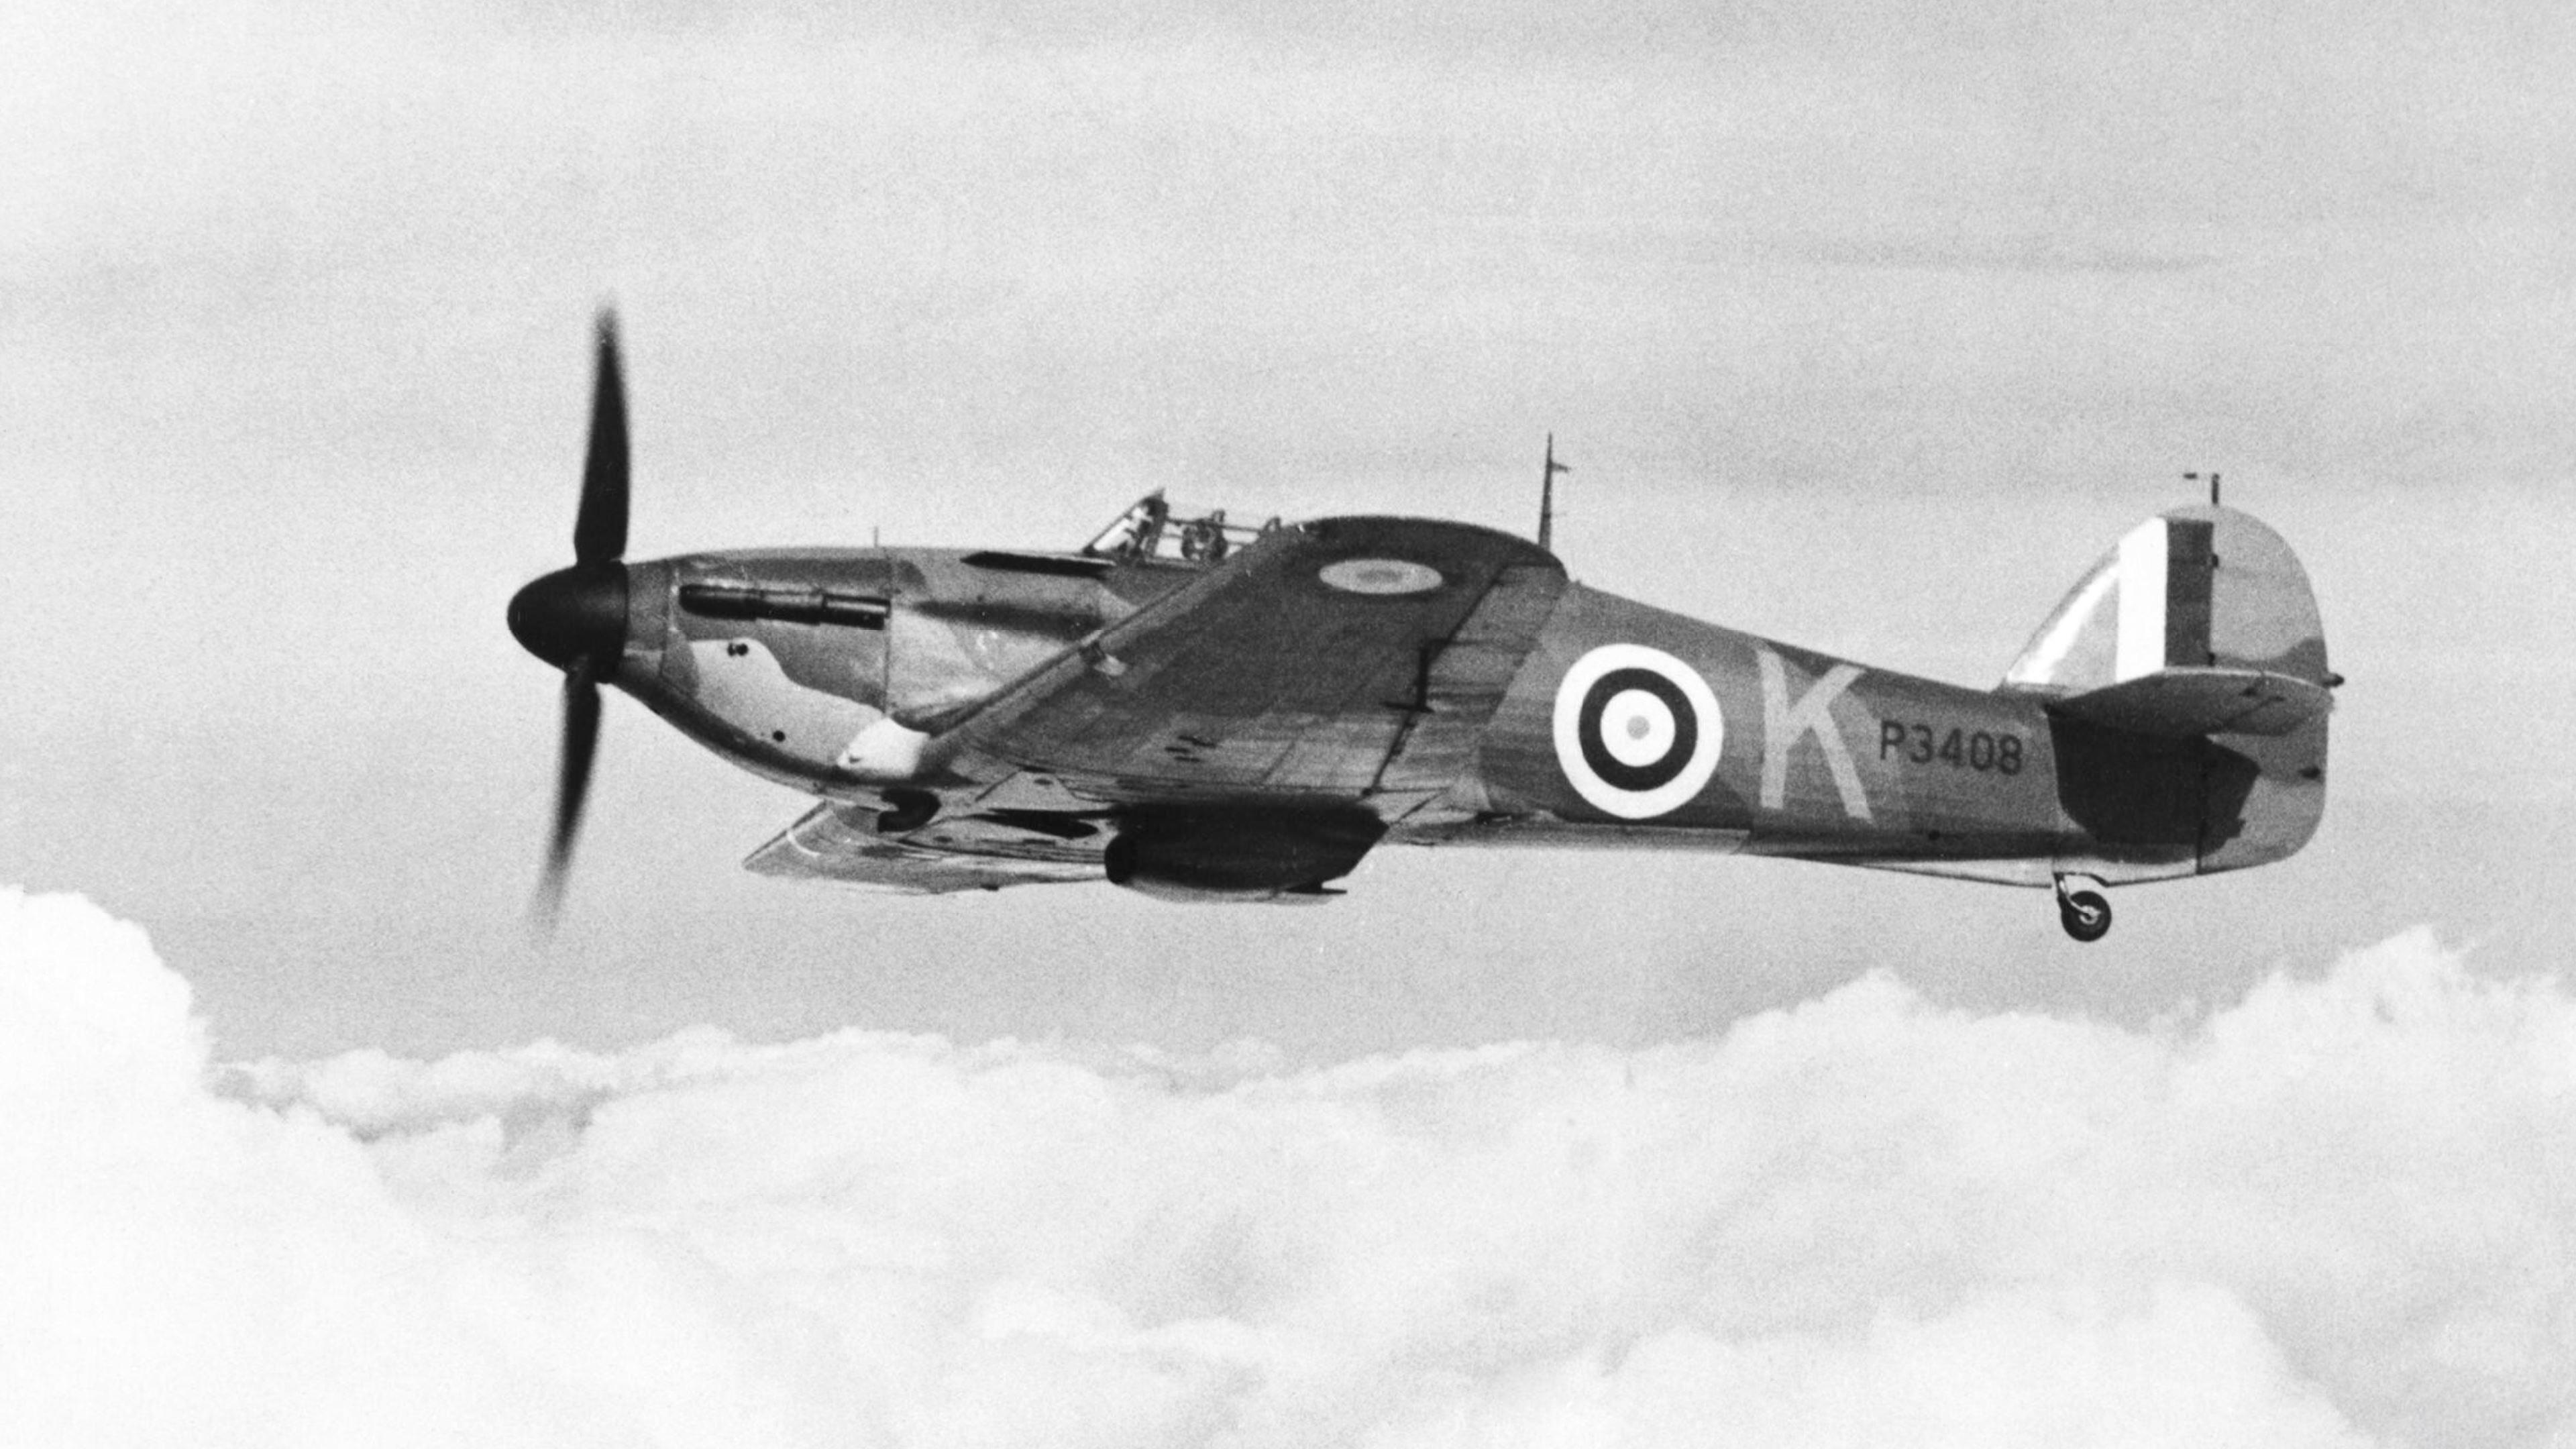 Hawker Hurricane I RAF 85Sqn VYK P3408 based at Church Fenton Yorkshire 1940 IWM CH1501a